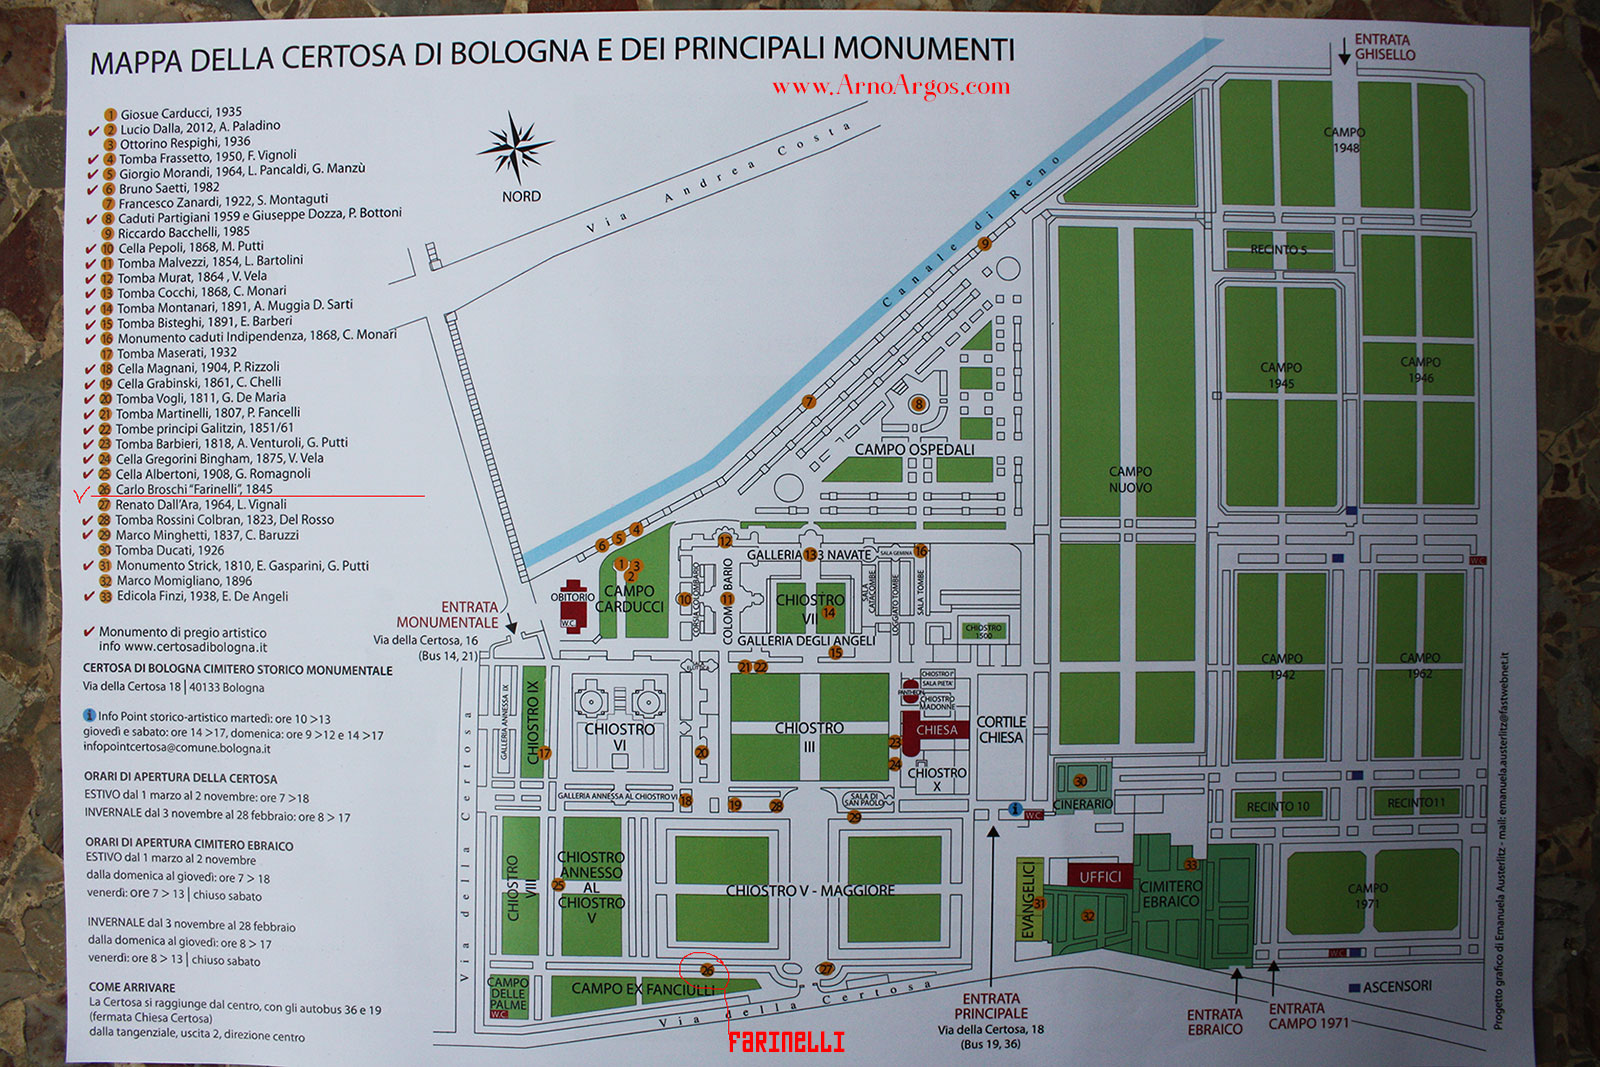 Farinelli Arno Argos Raunig map